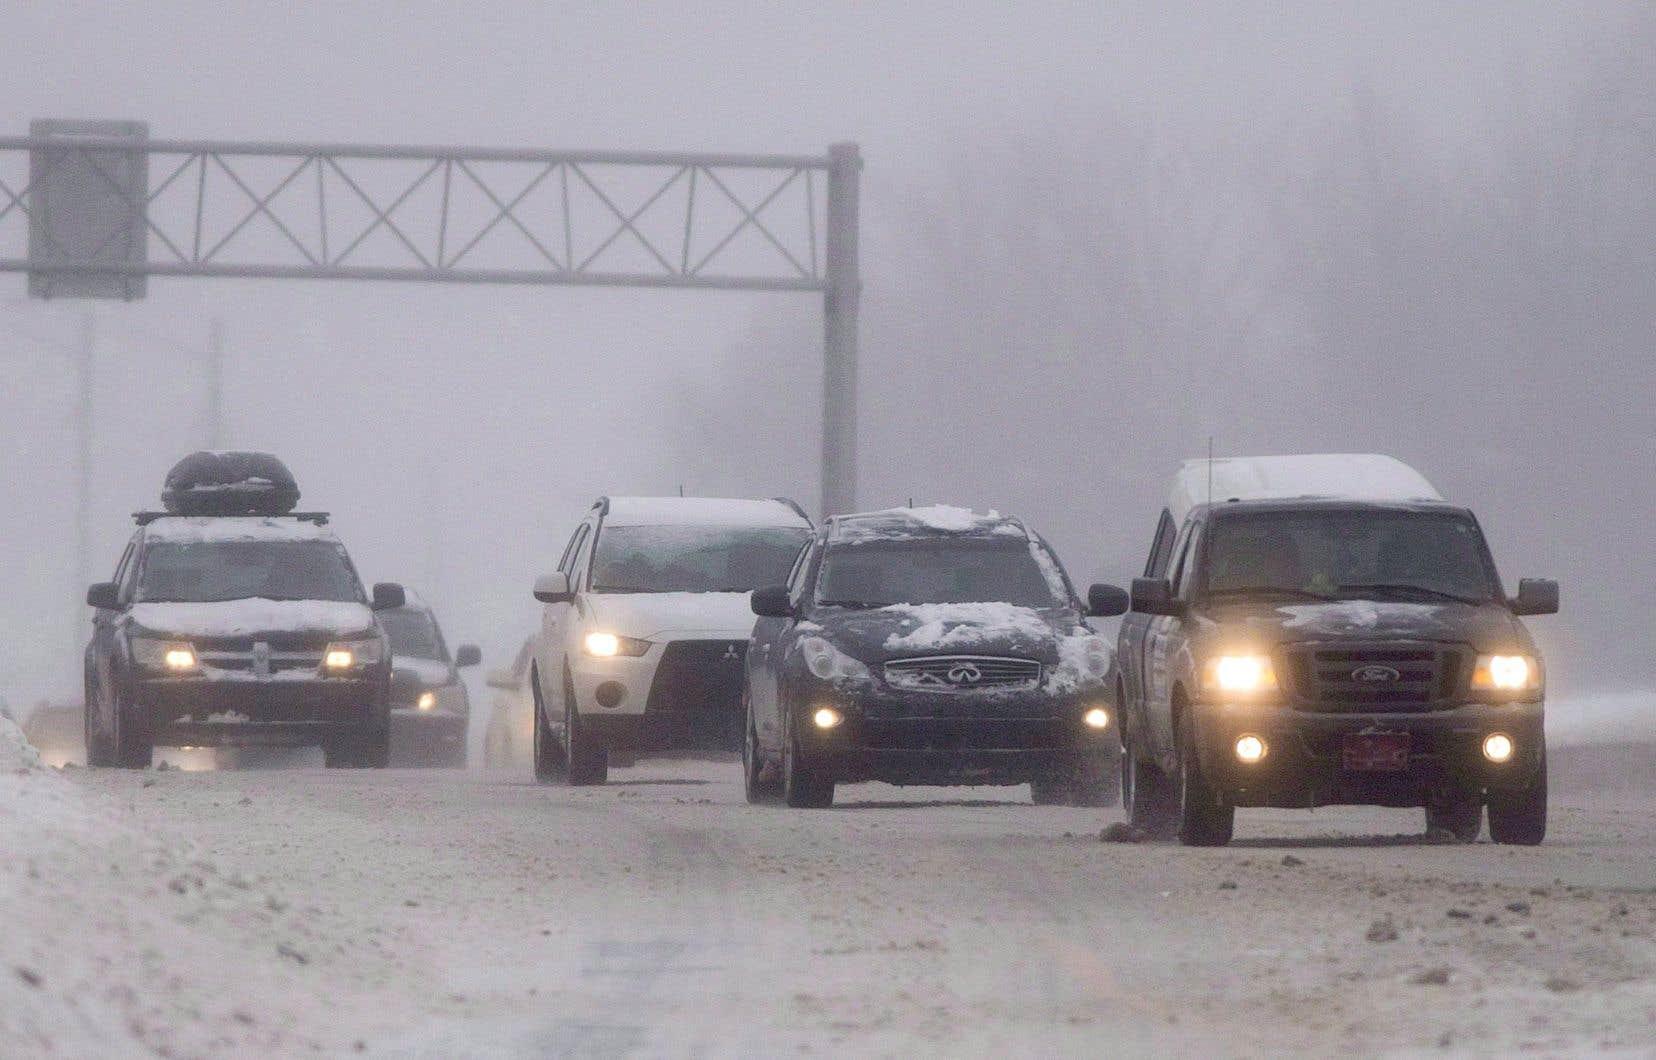 Les automobilistes sont invités à surveiller attentivement les bulletins météorologiques des prochains jours.